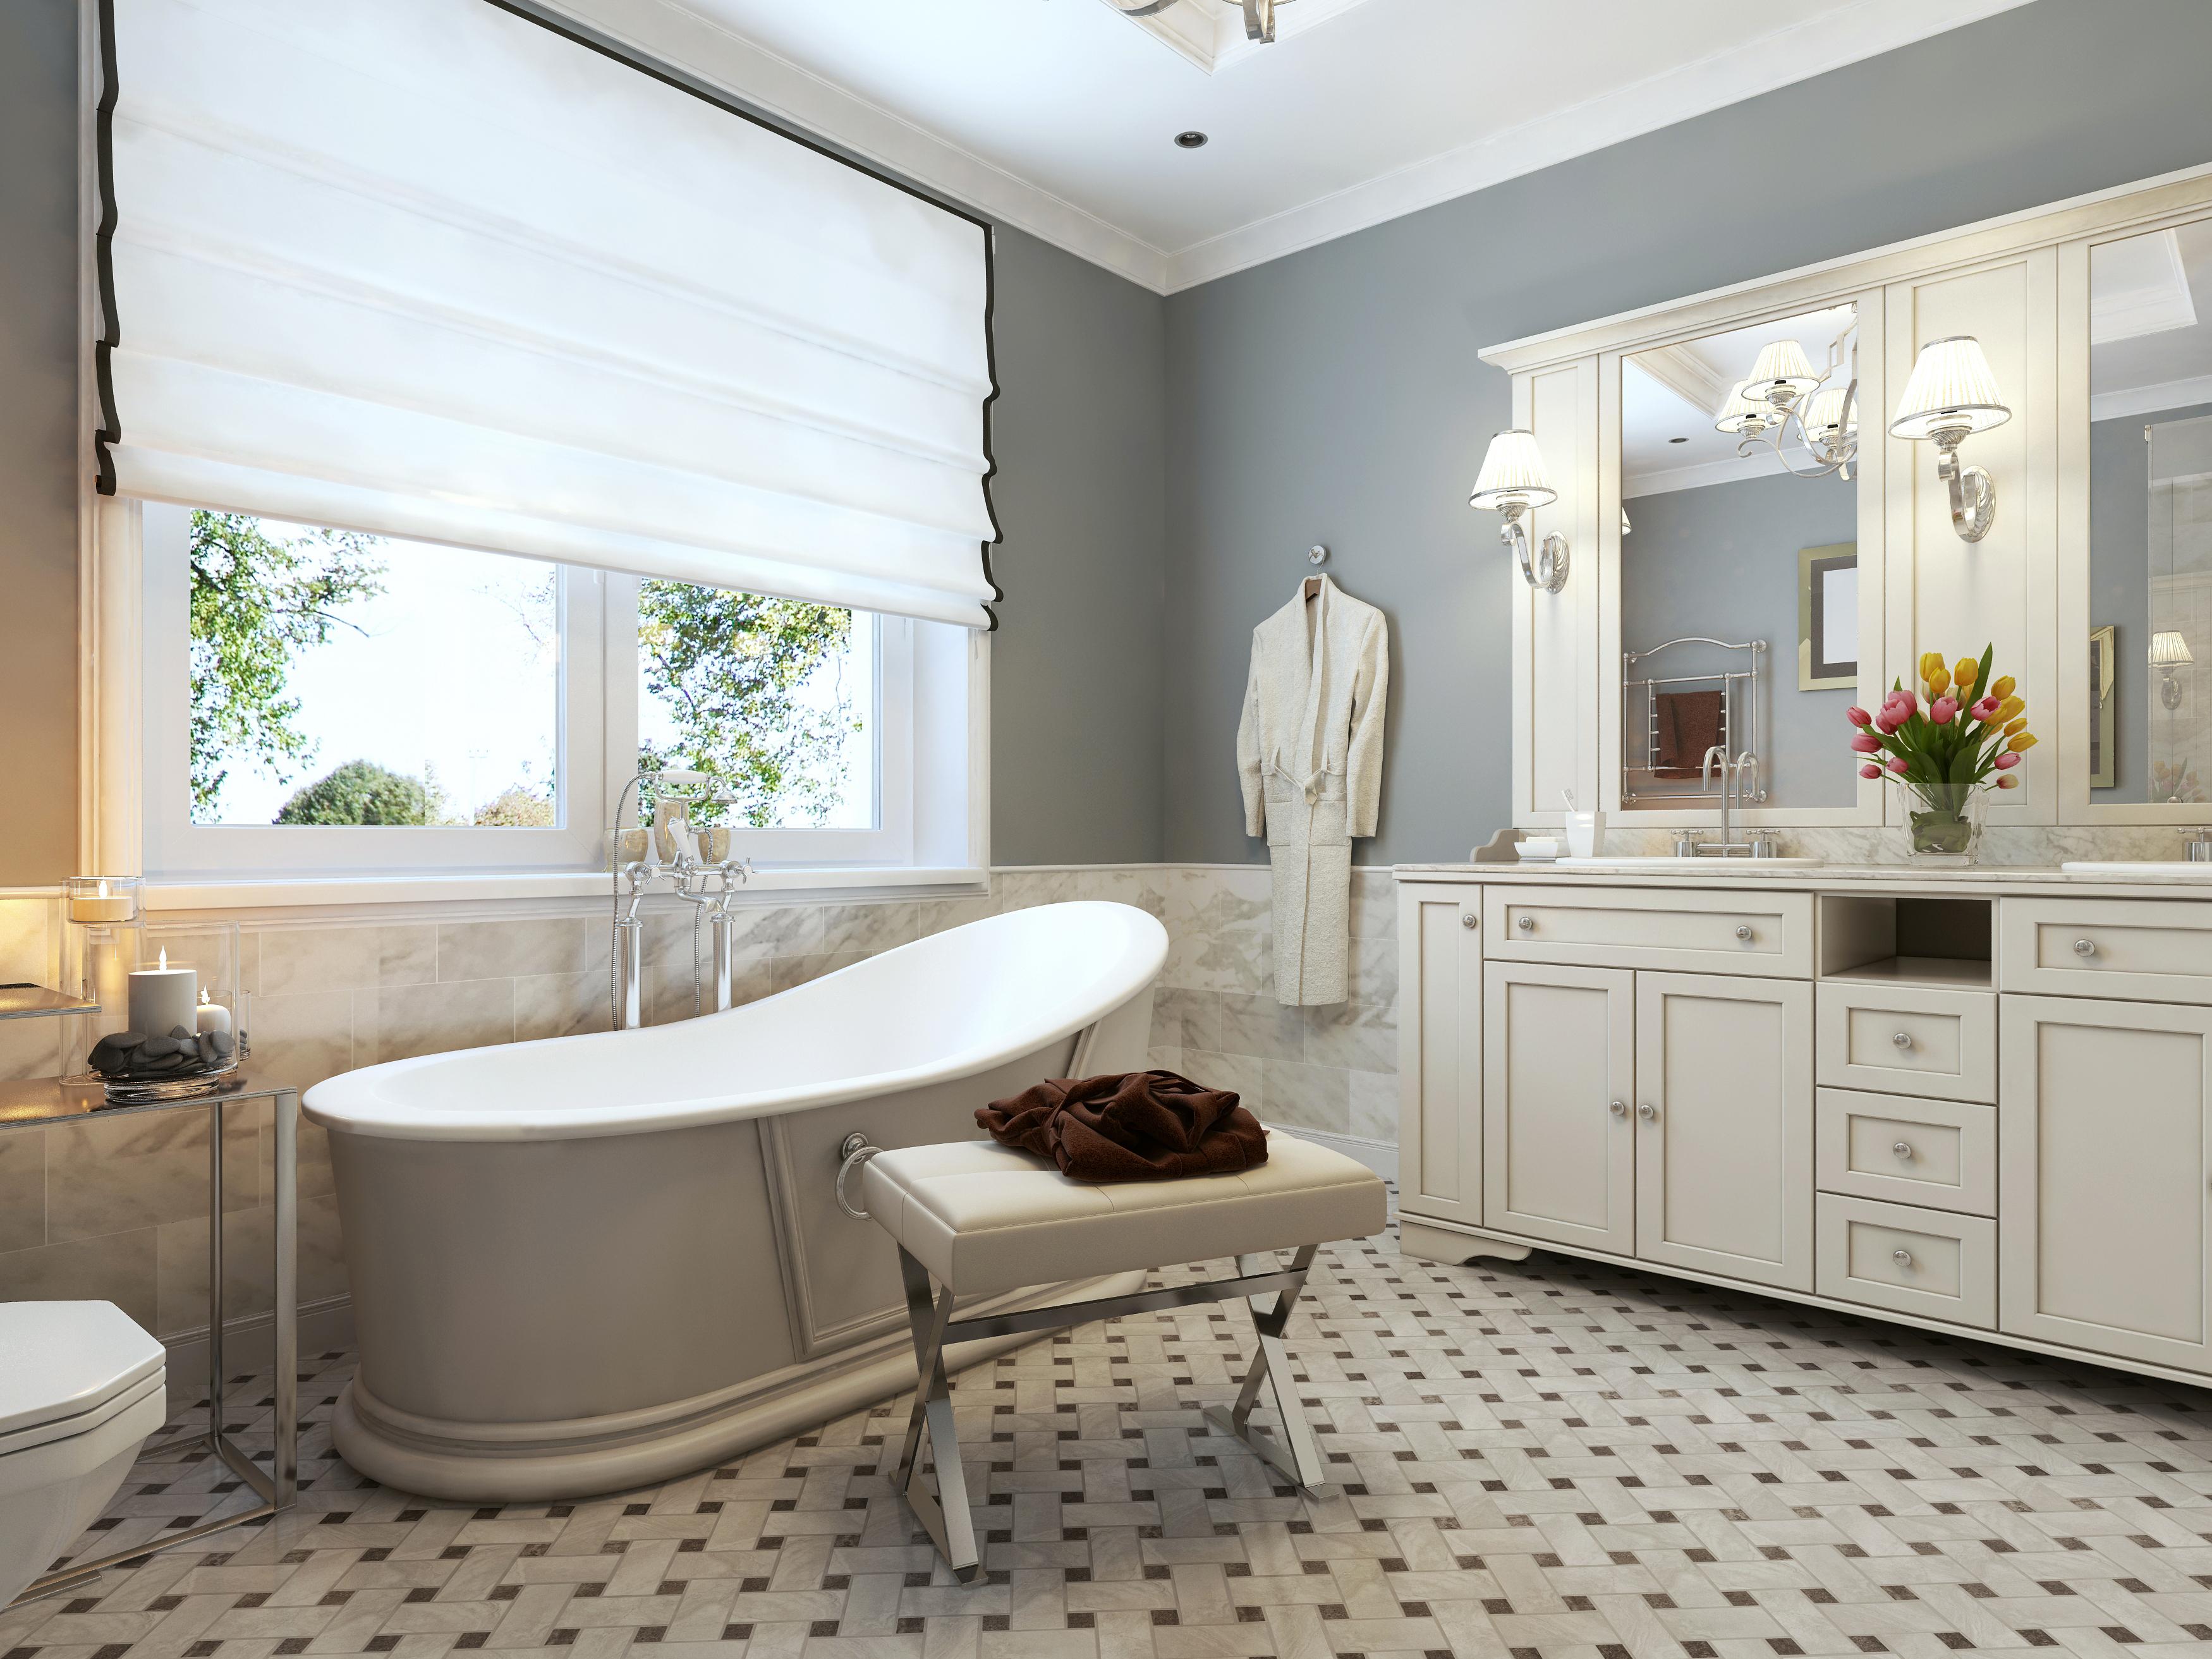 łazienka W Stylu Prowansalskim Francuska Elegancja